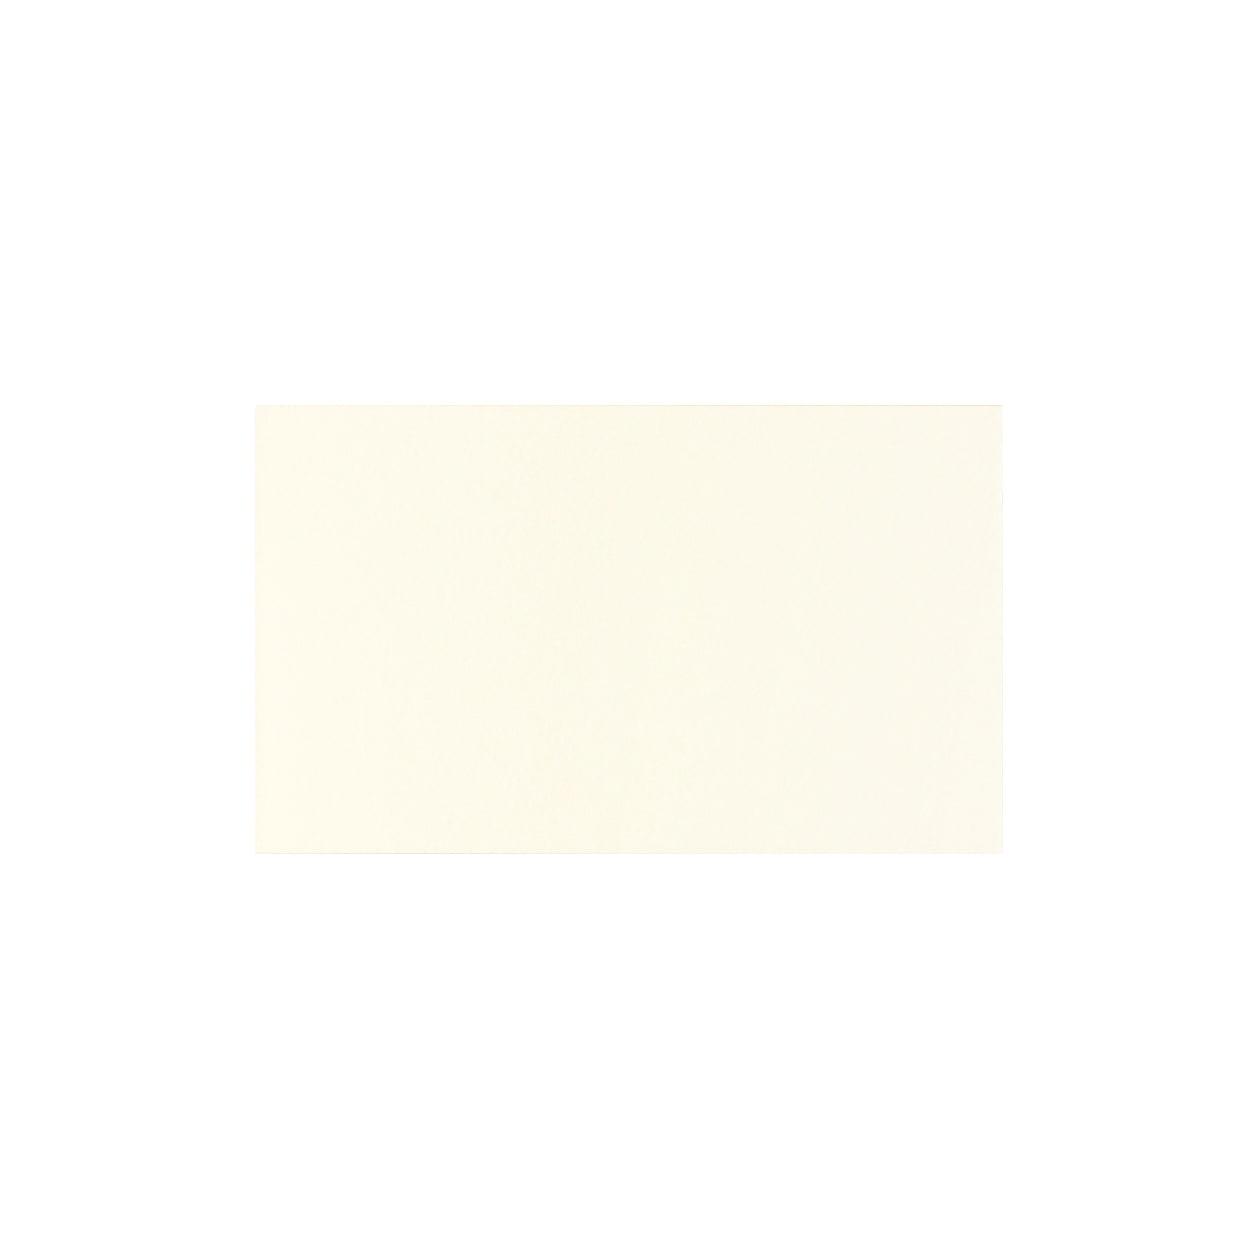 No.57ボーダード ネームカード コーラル 232.8g